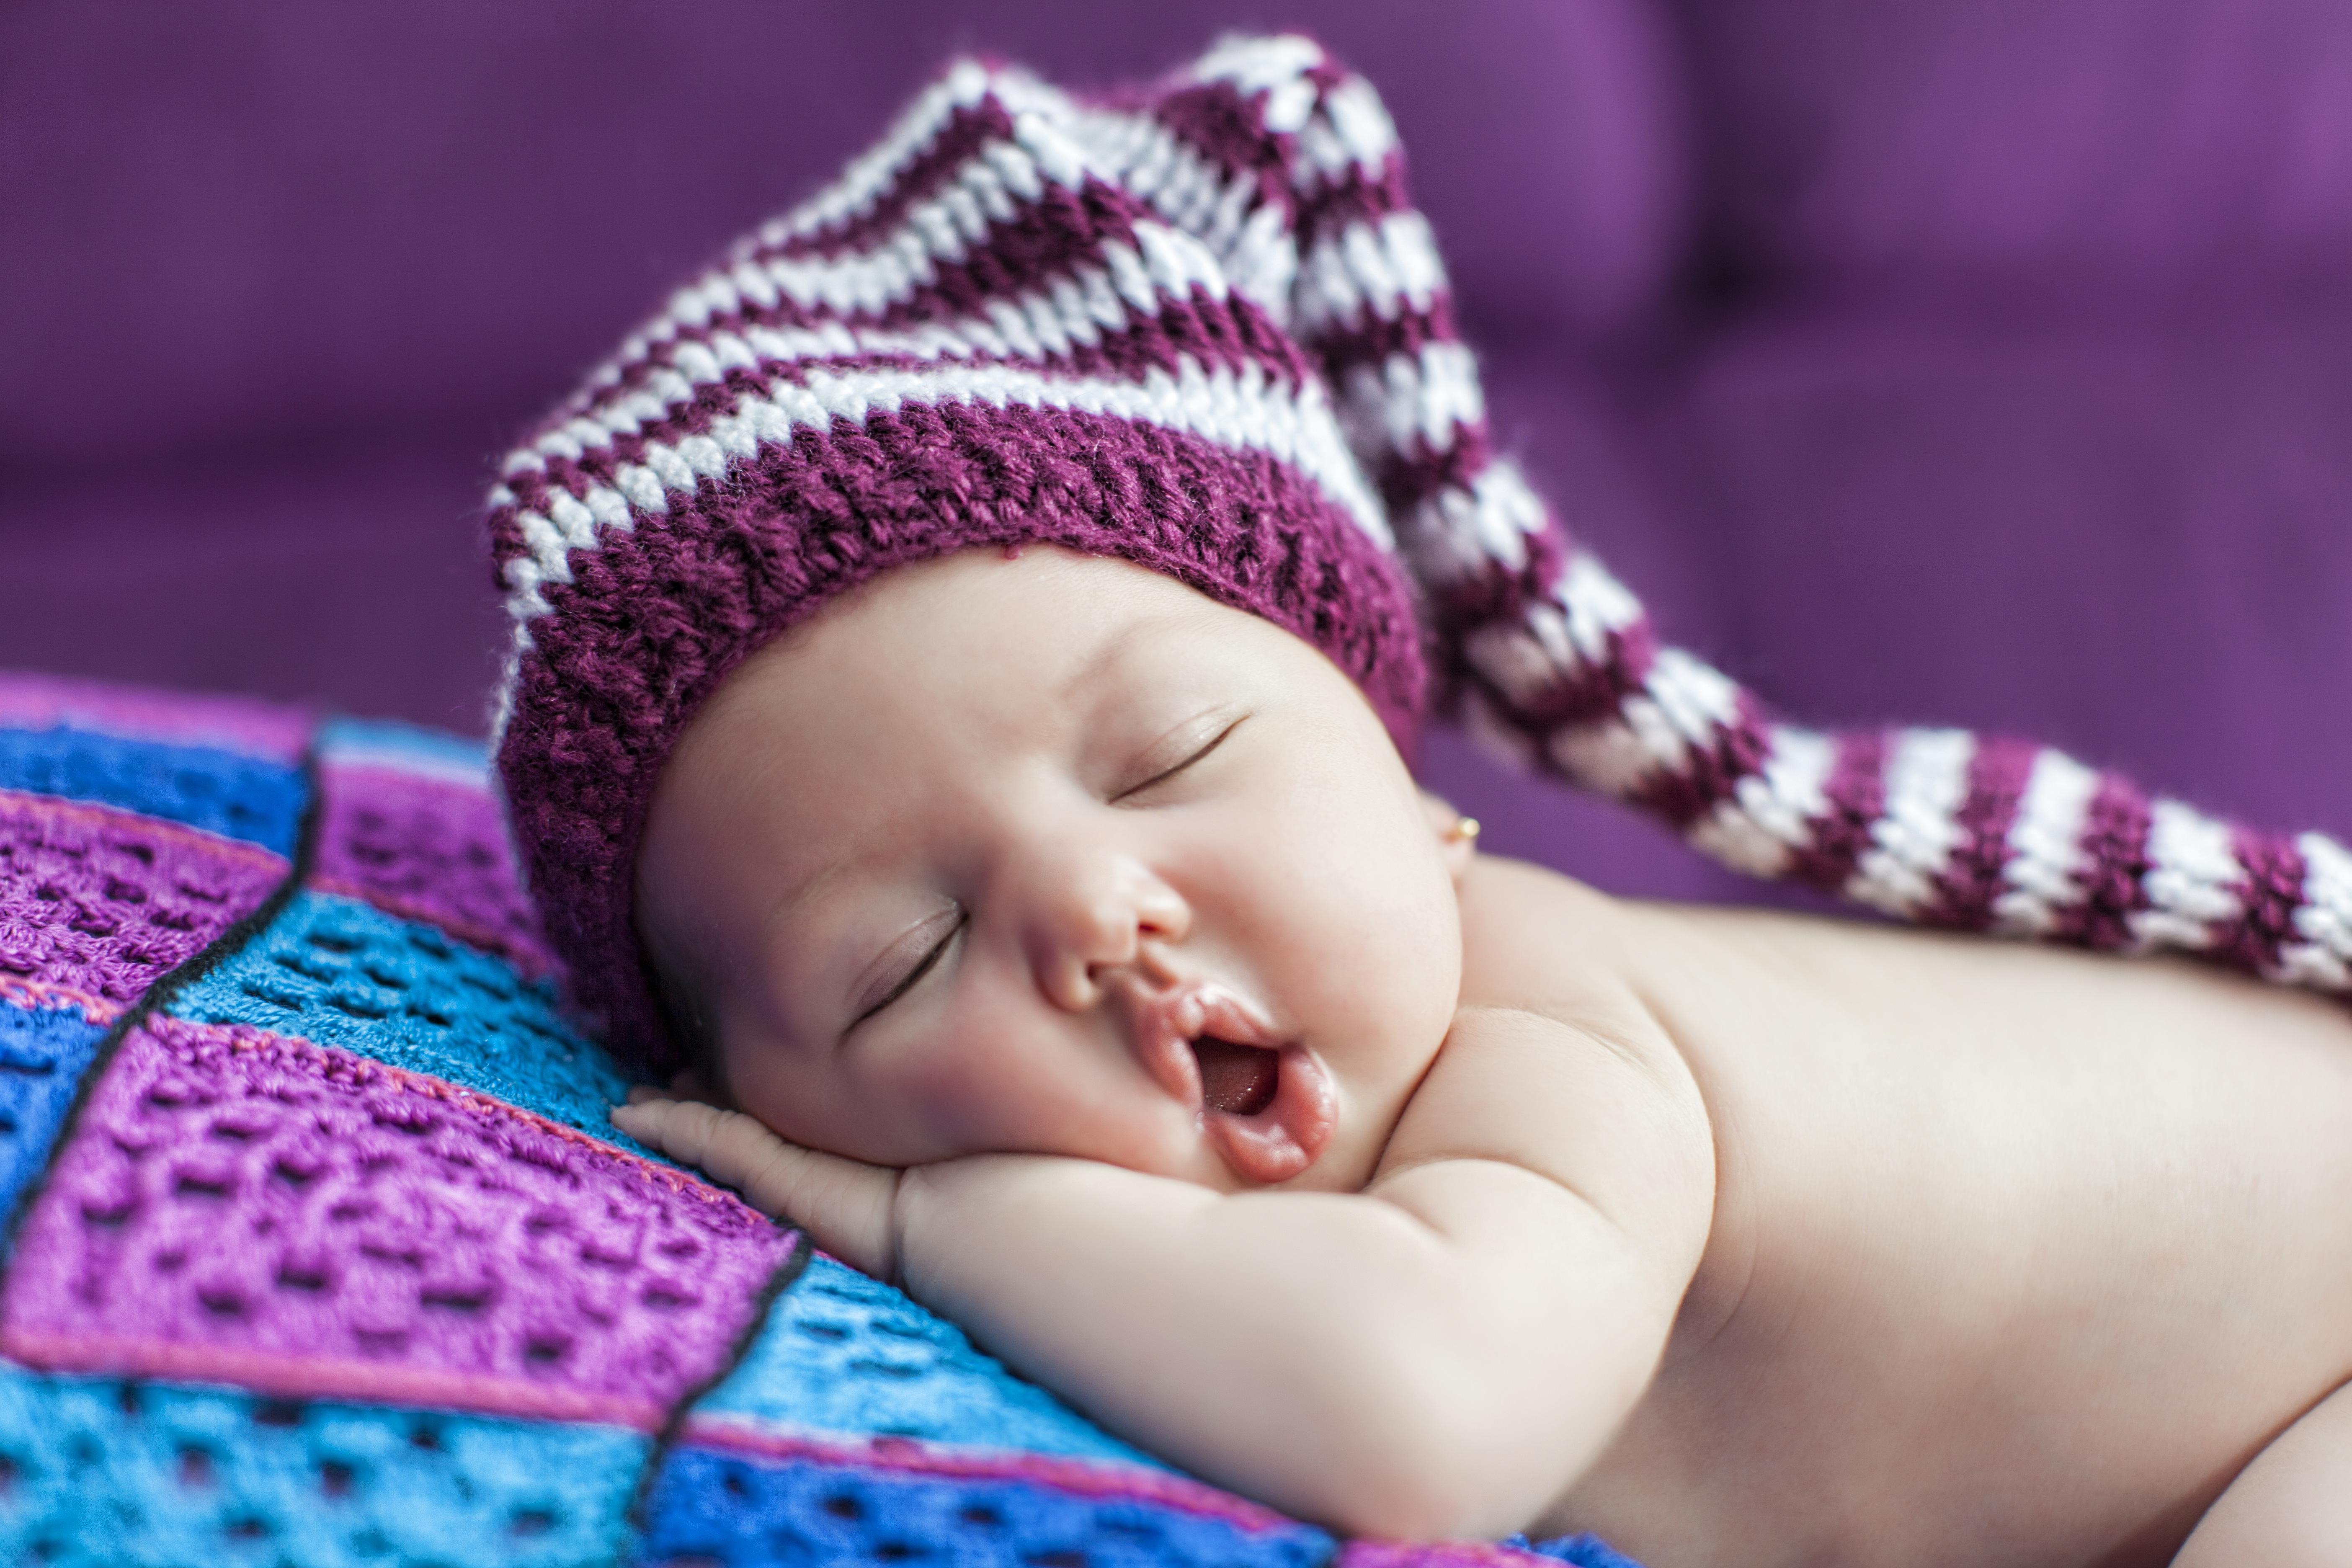 Sömn kan kopplas till bättre minne enligt den aktuella studien.